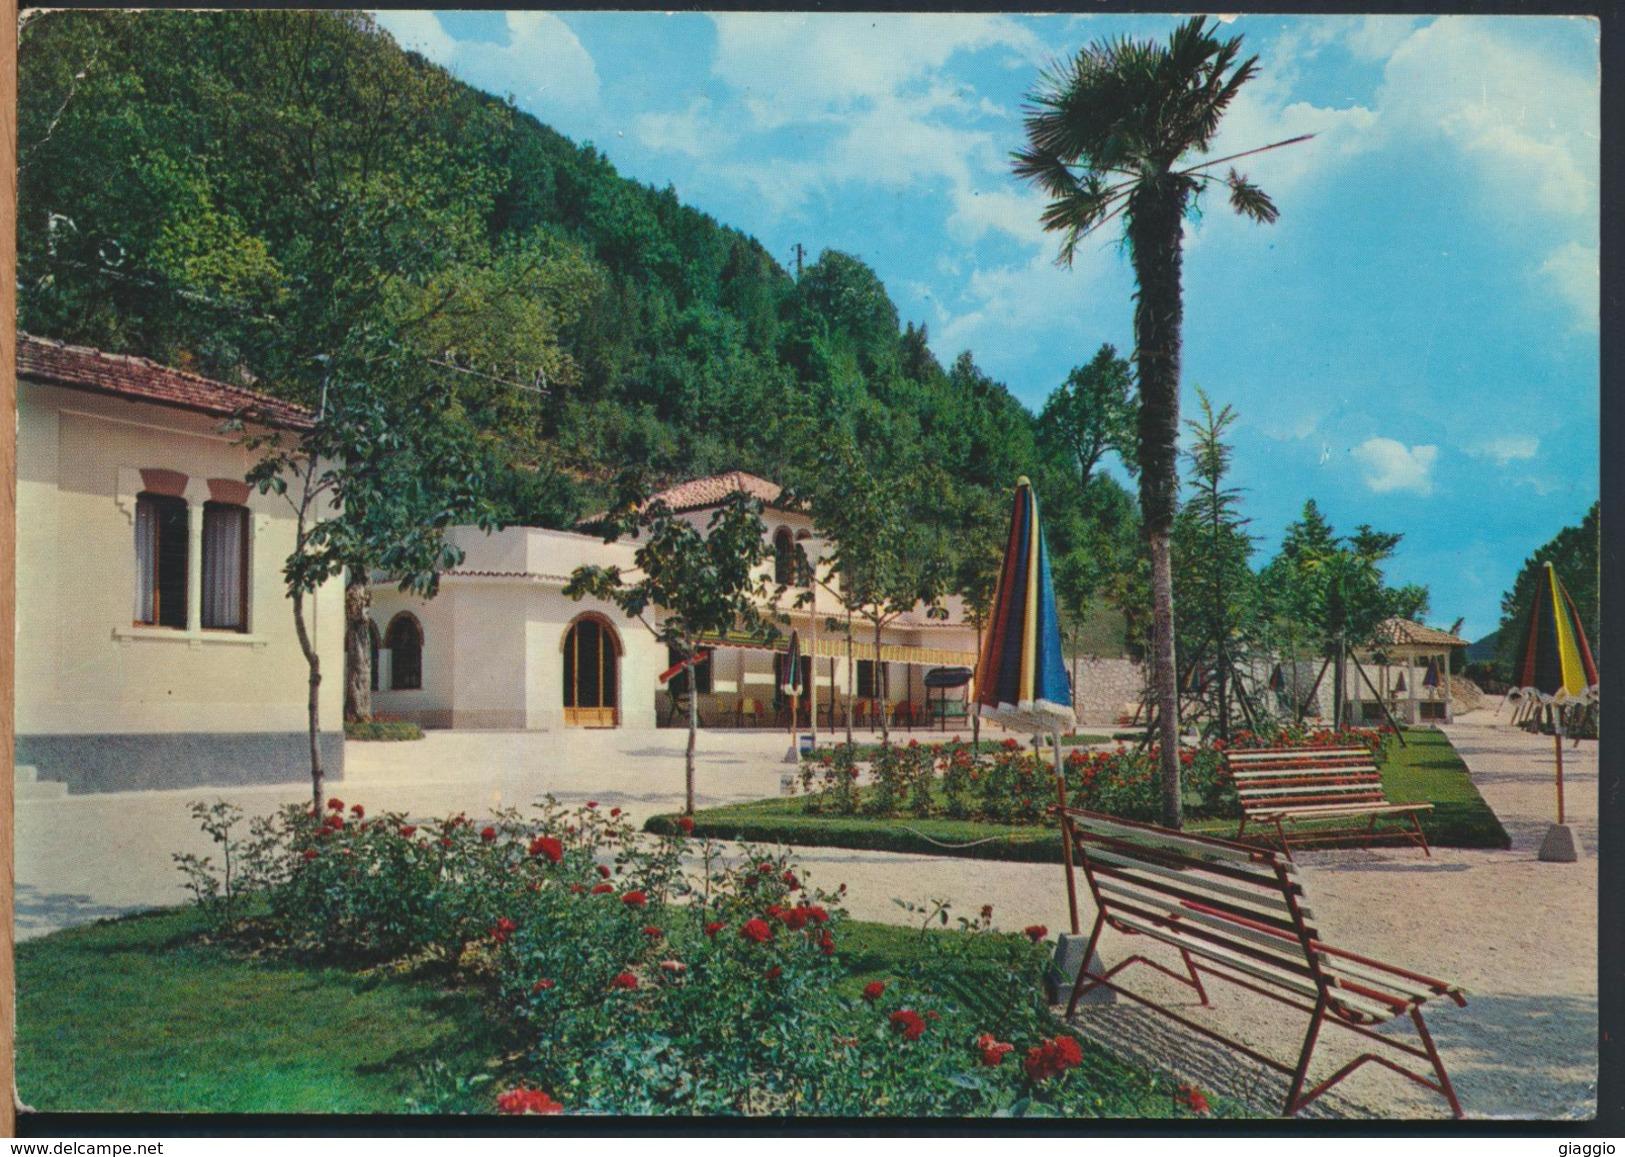 °°° 4917 - RIETI - FONTI COTTORELLA - NUOVI IMPIANTI (RI) 1969 °°° - Rieti